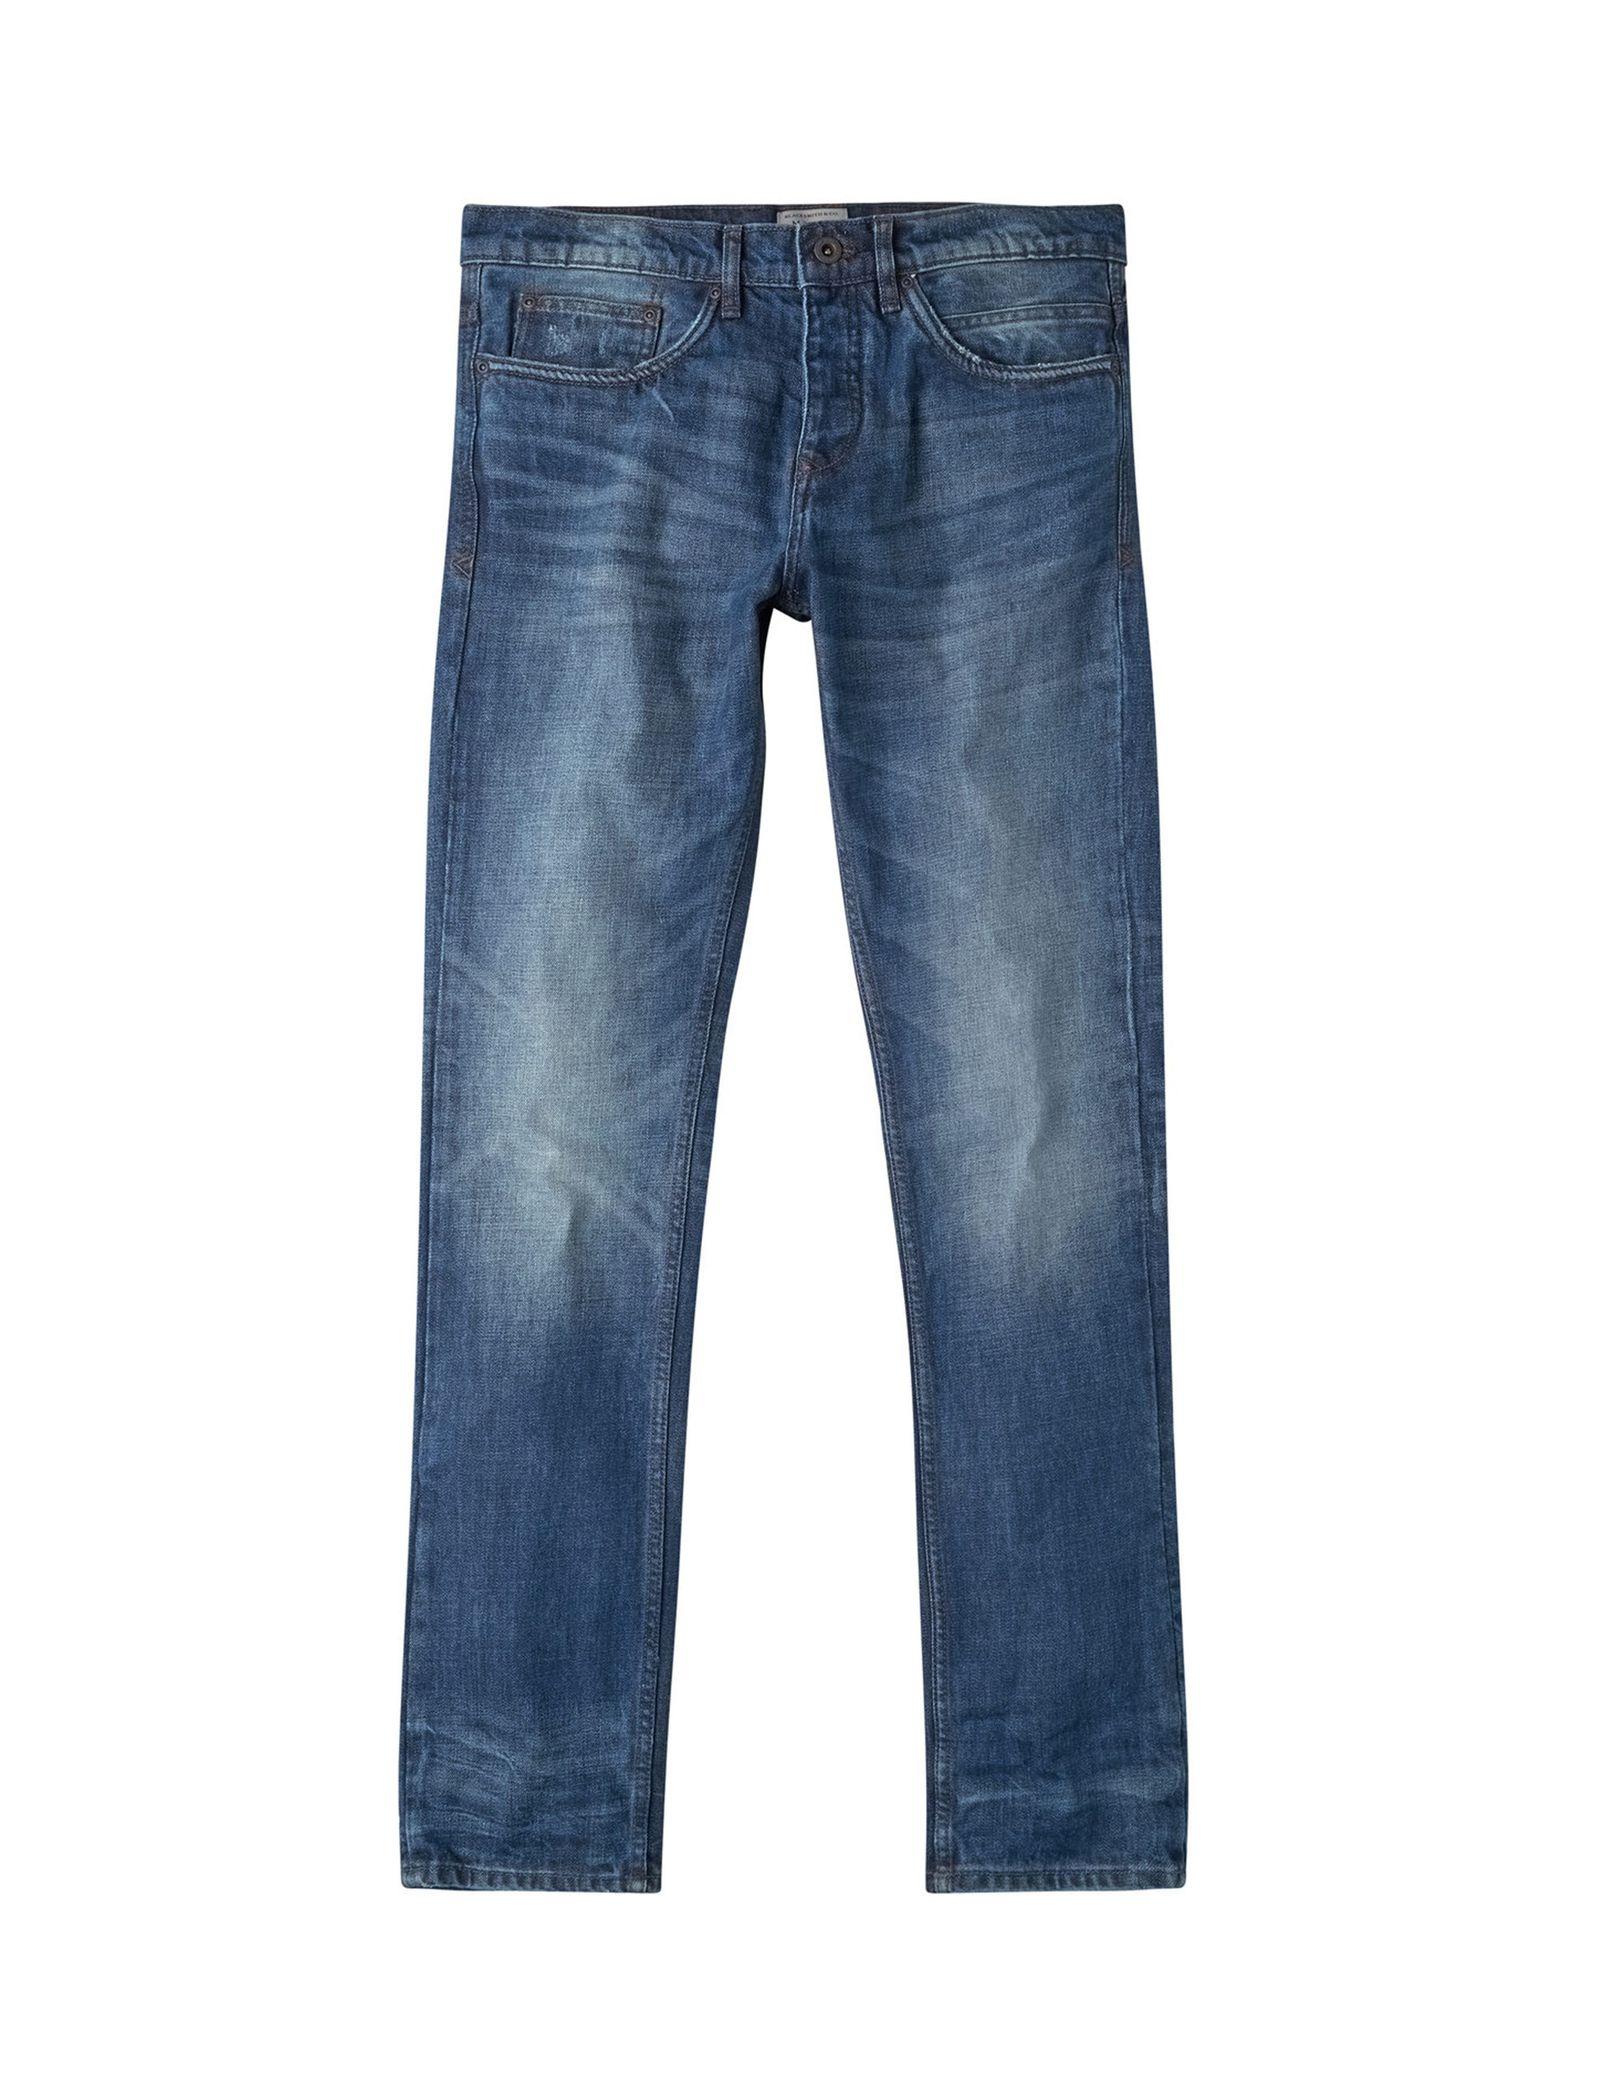 شلوار جین جذب مردانه - مانگو - آبي روشن - 1